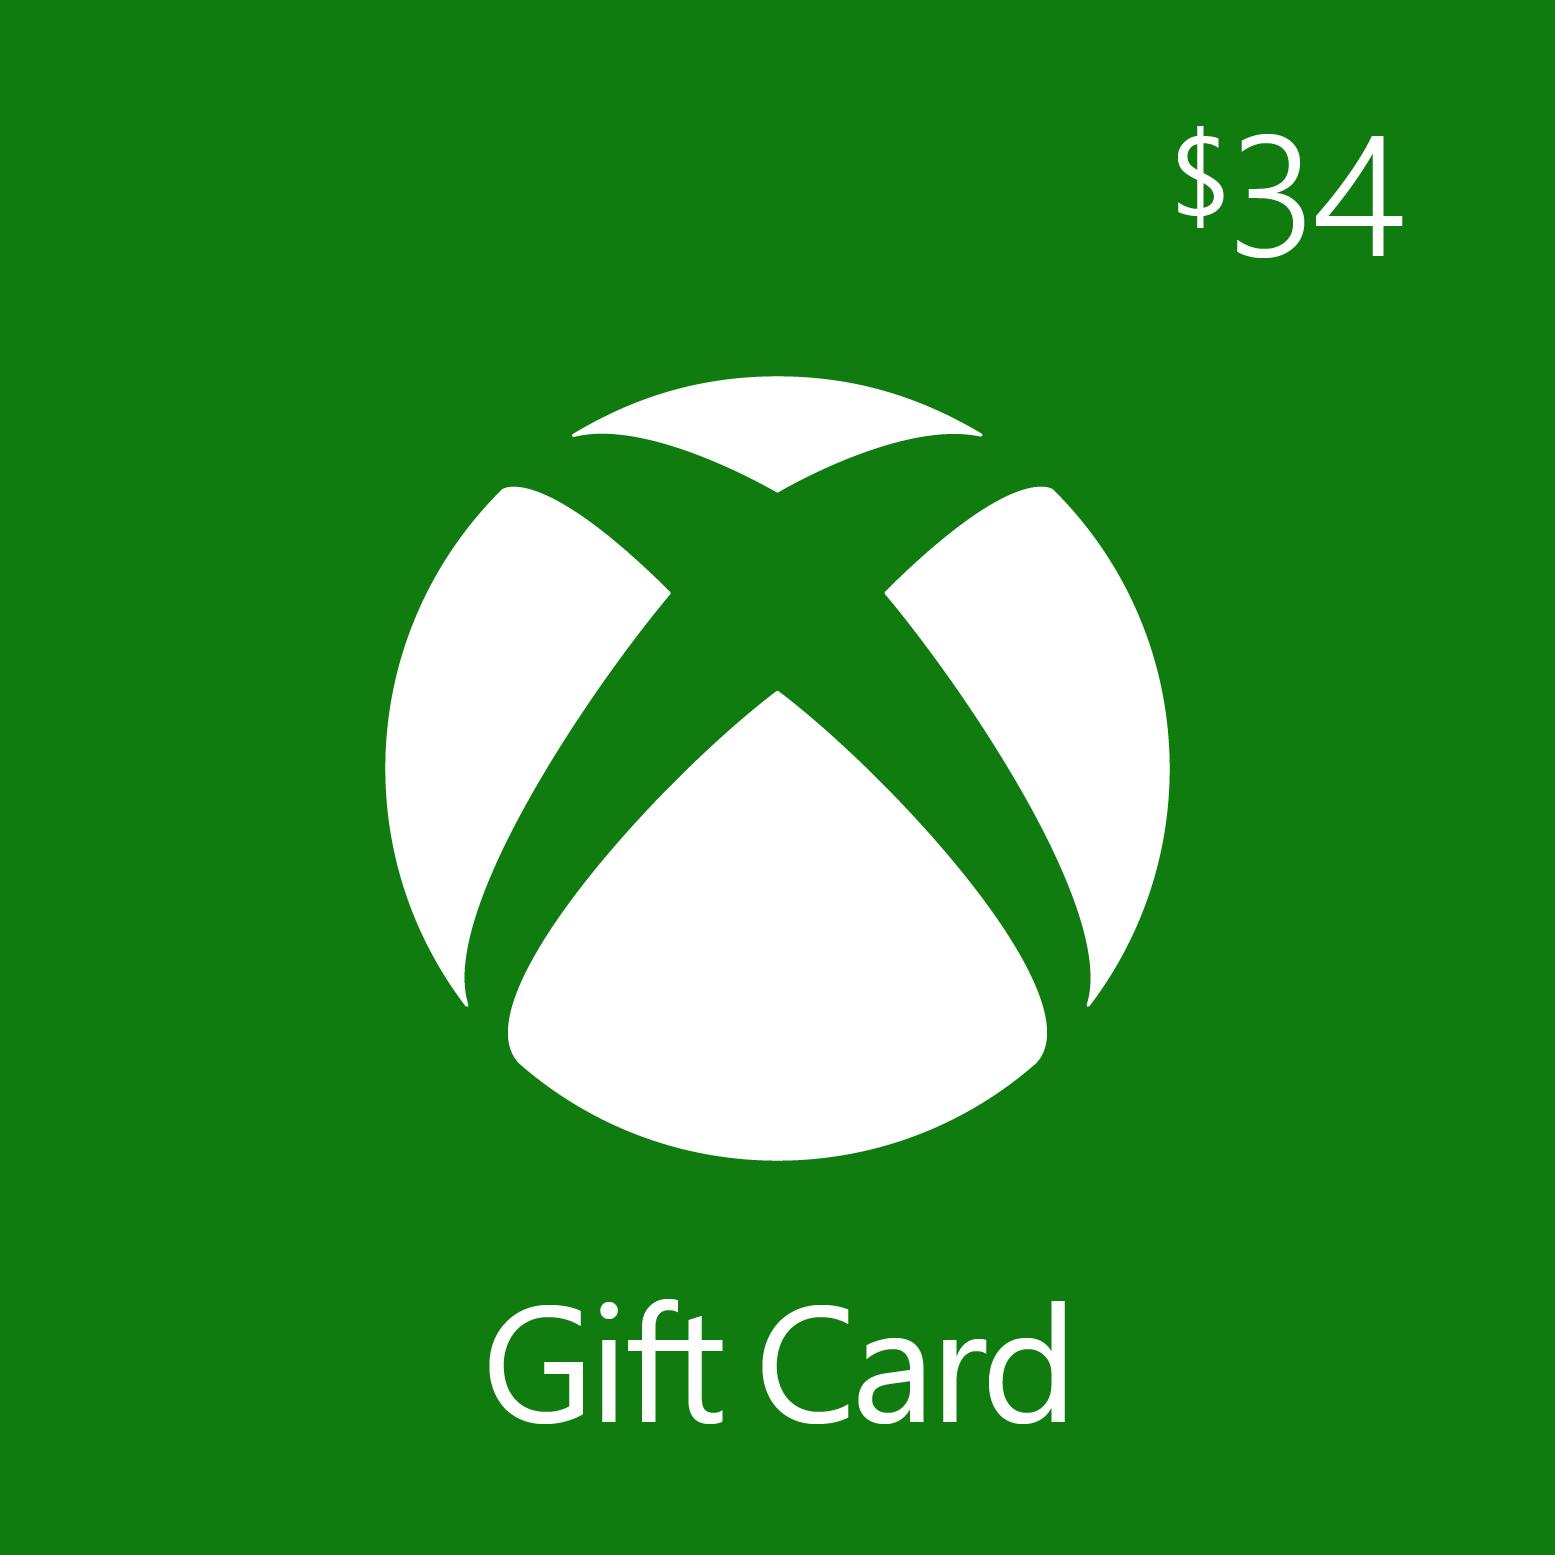 $34.00 Xbox Digital Gift Card